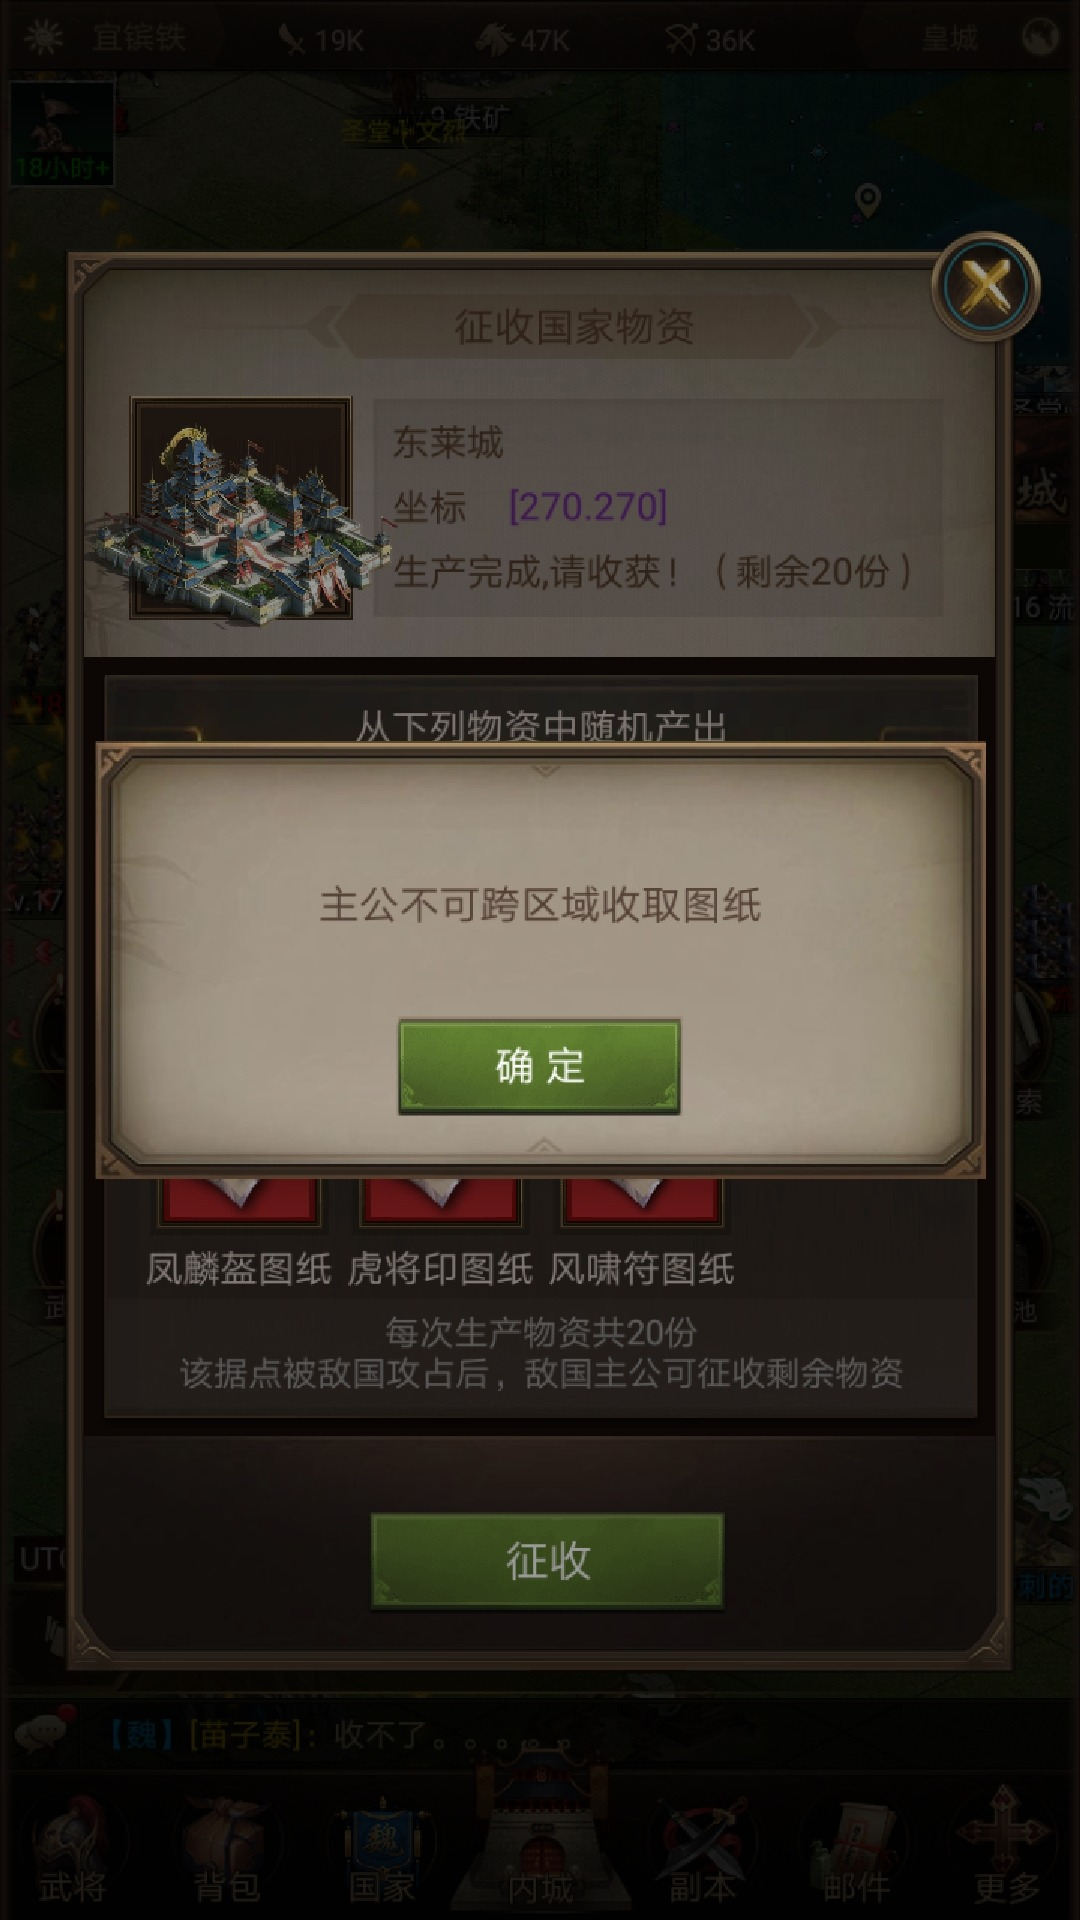 Screenshot_20190818_193128_juedi.tatuyin.rxsg.huawei.jpg